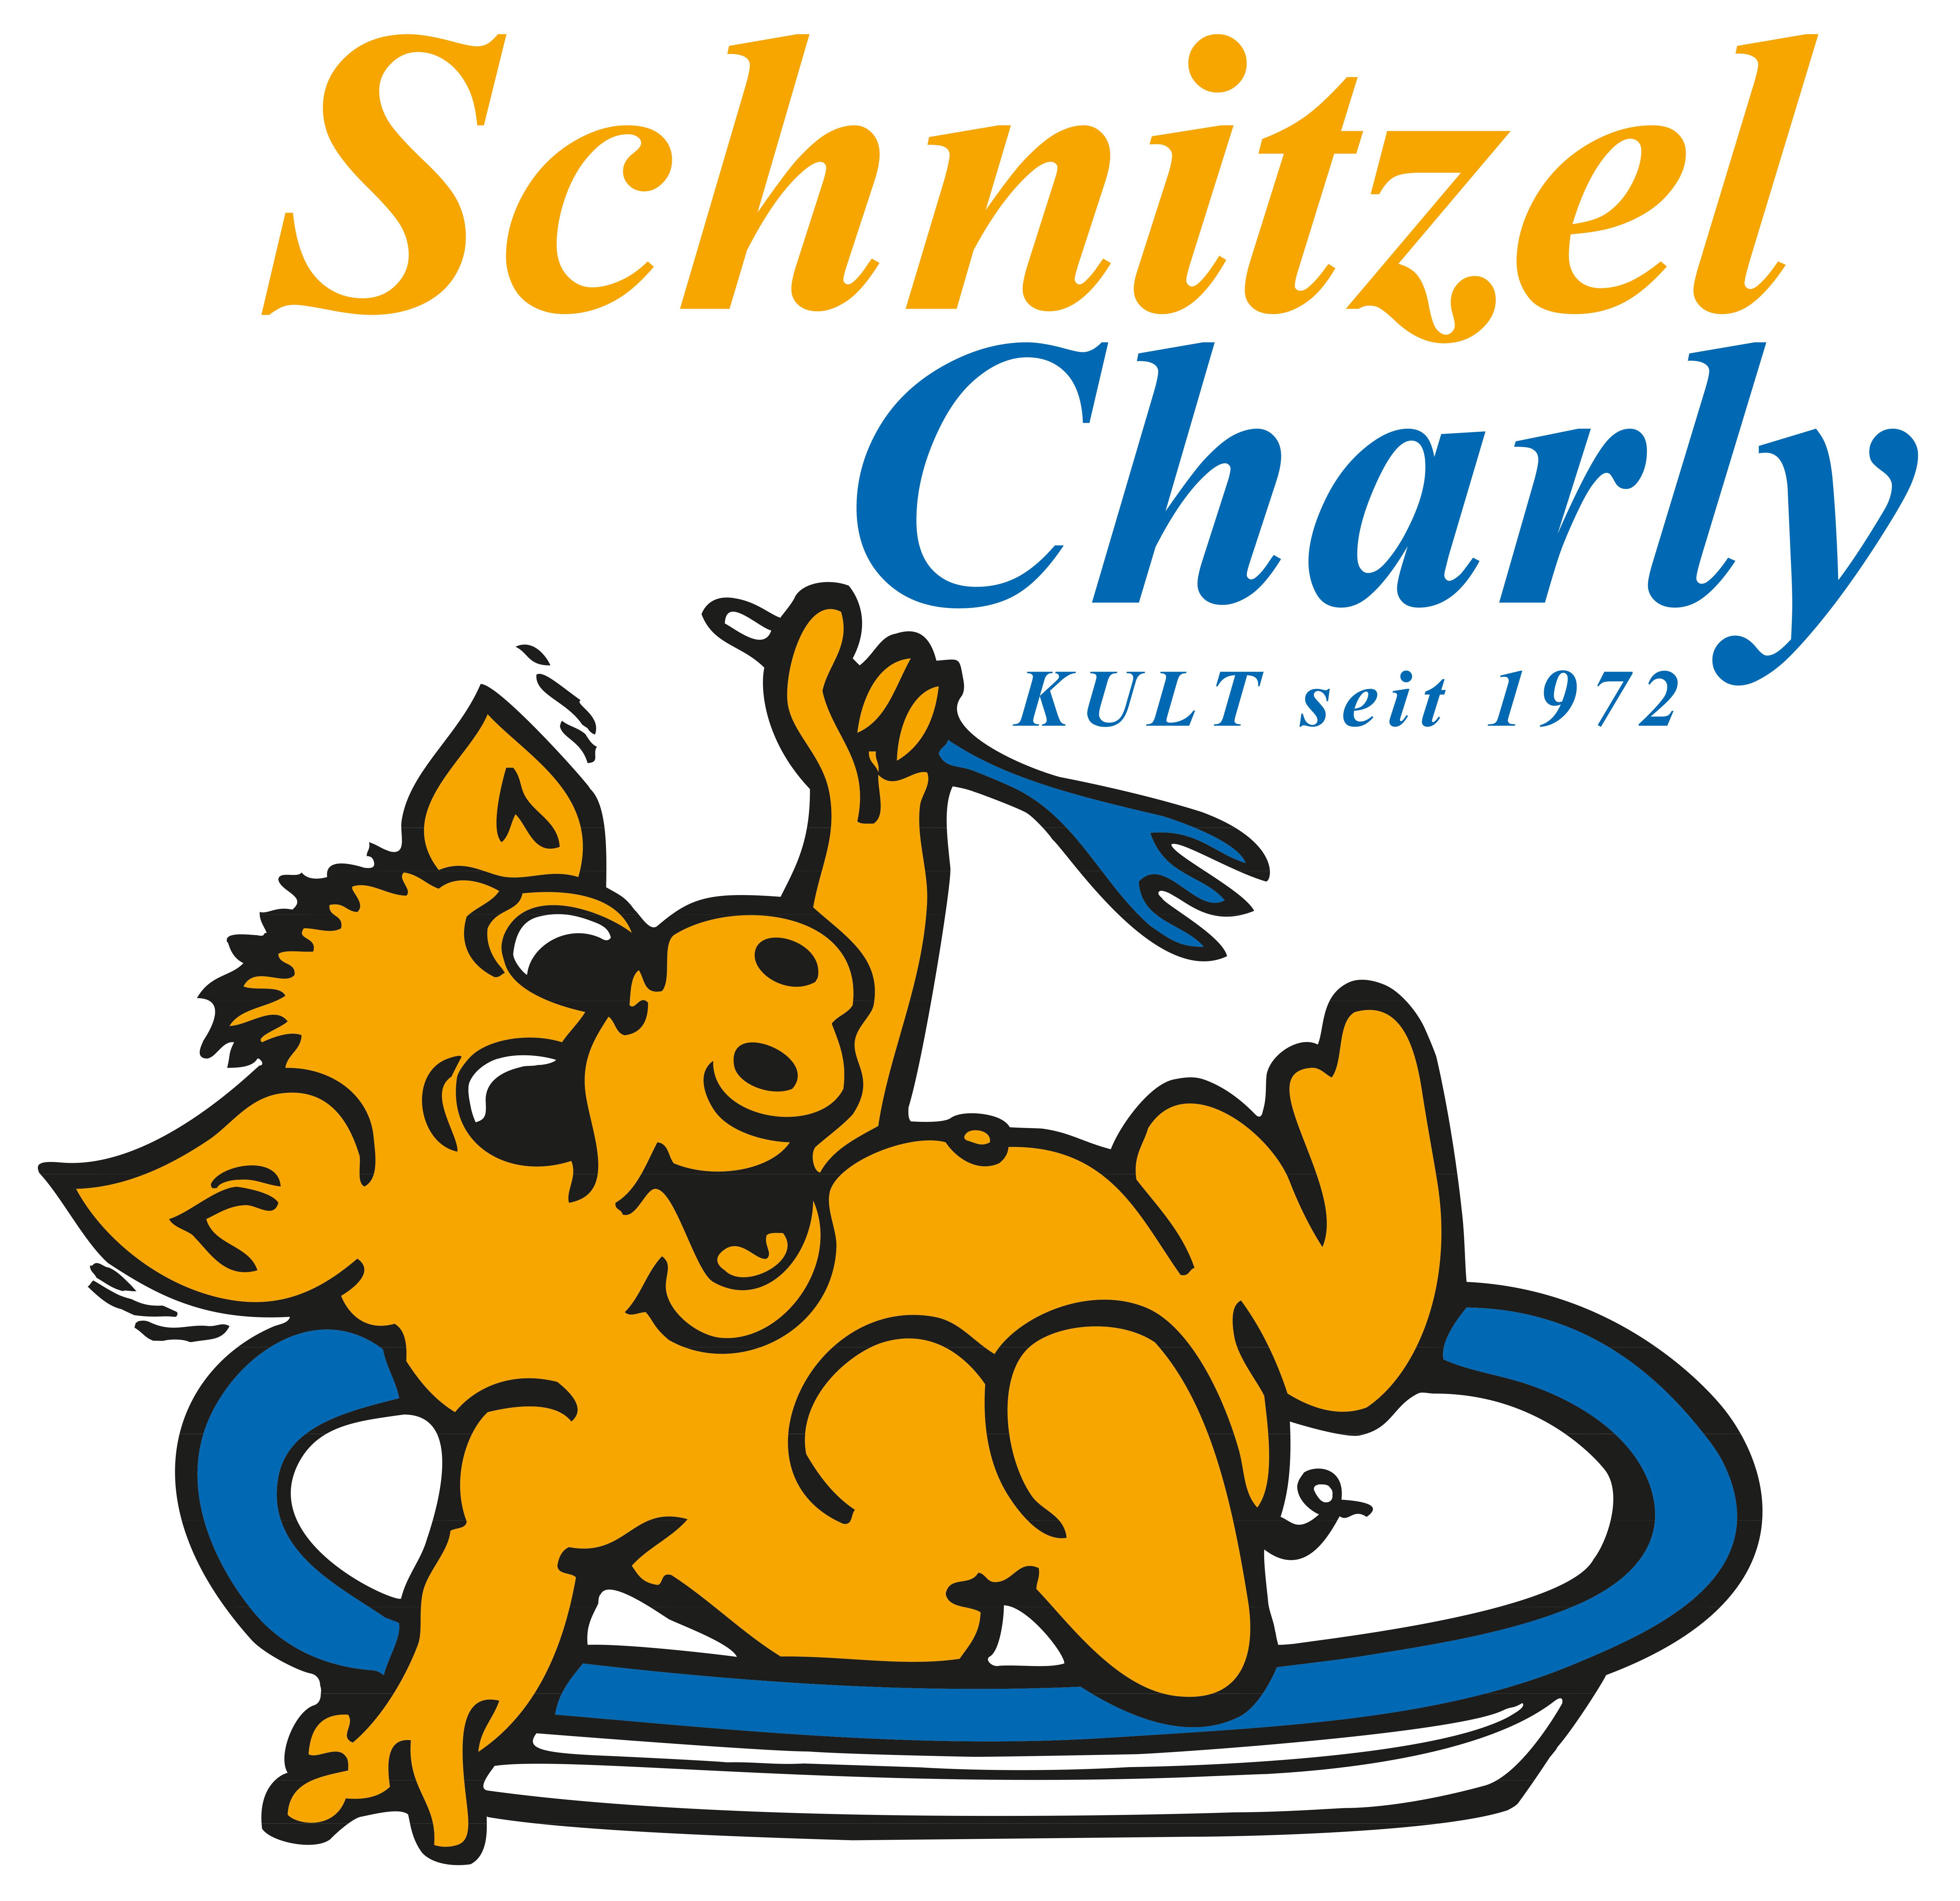 Profil von Schnitzel Charly aus Bad Friedrichshall